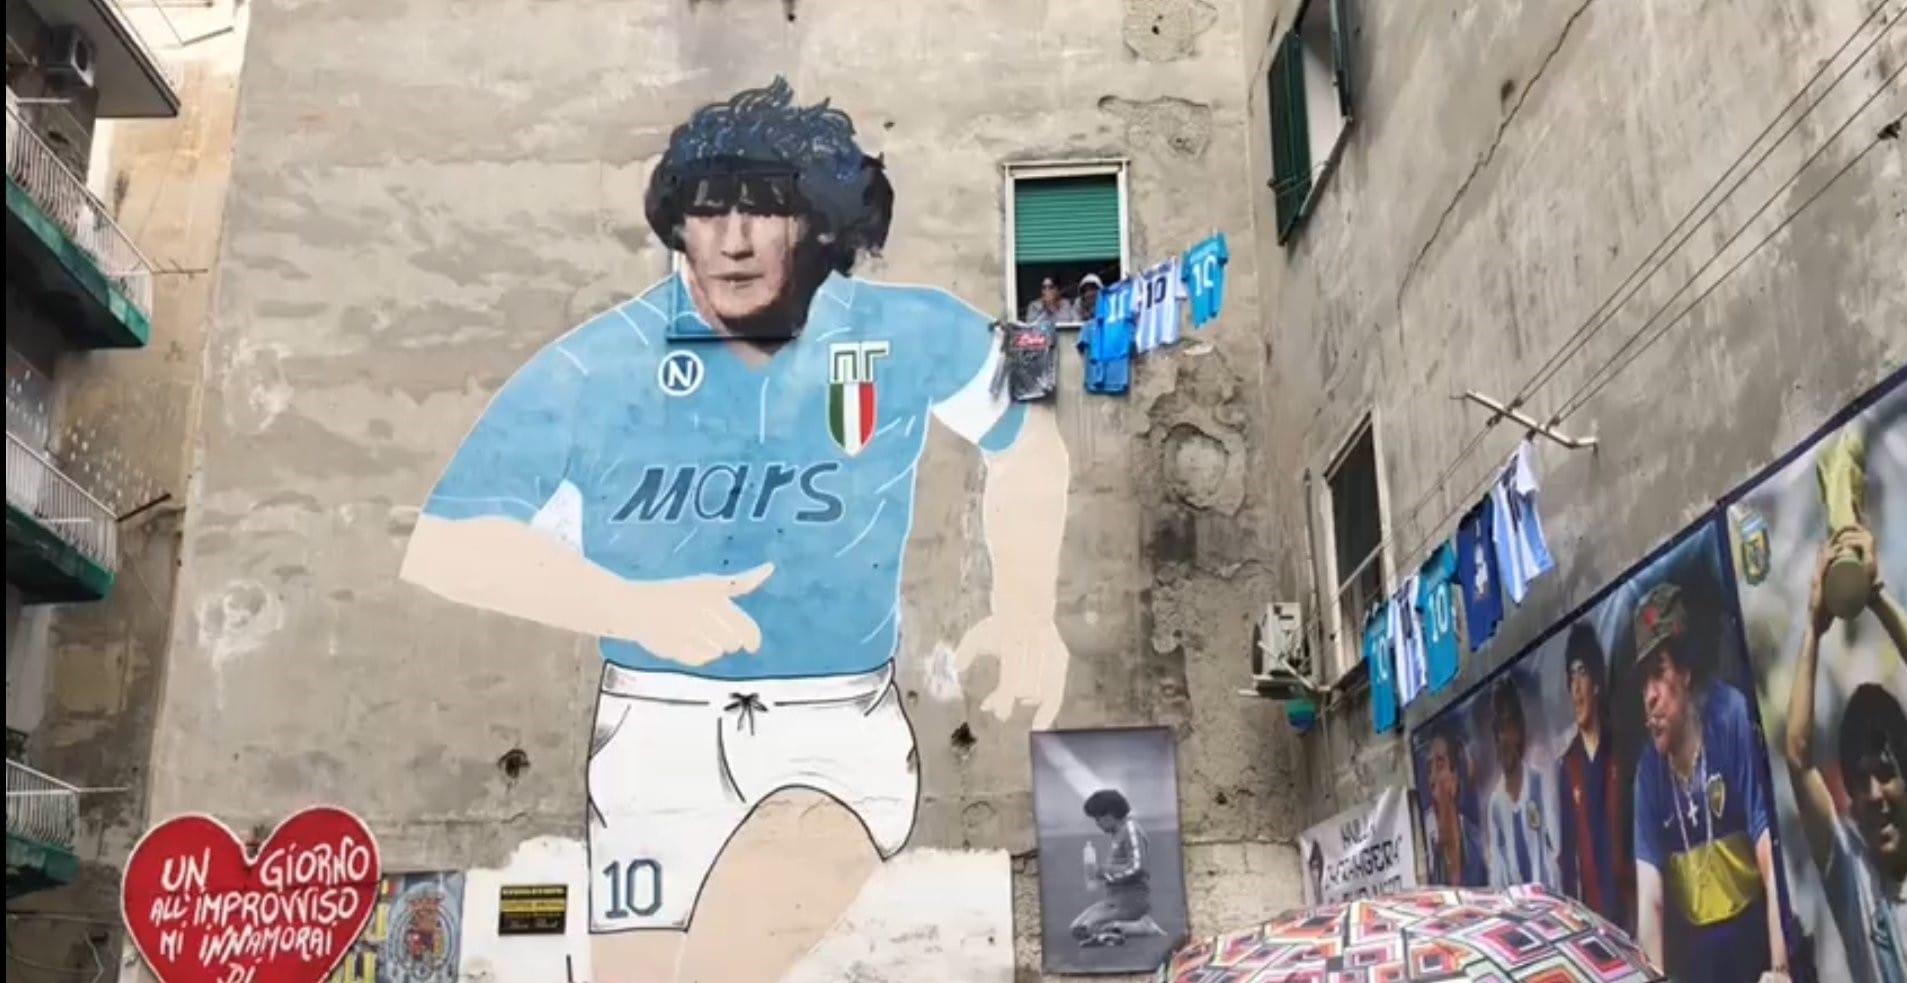 La città di Napoli si raduna per rendere omaggio ai murales di Diego